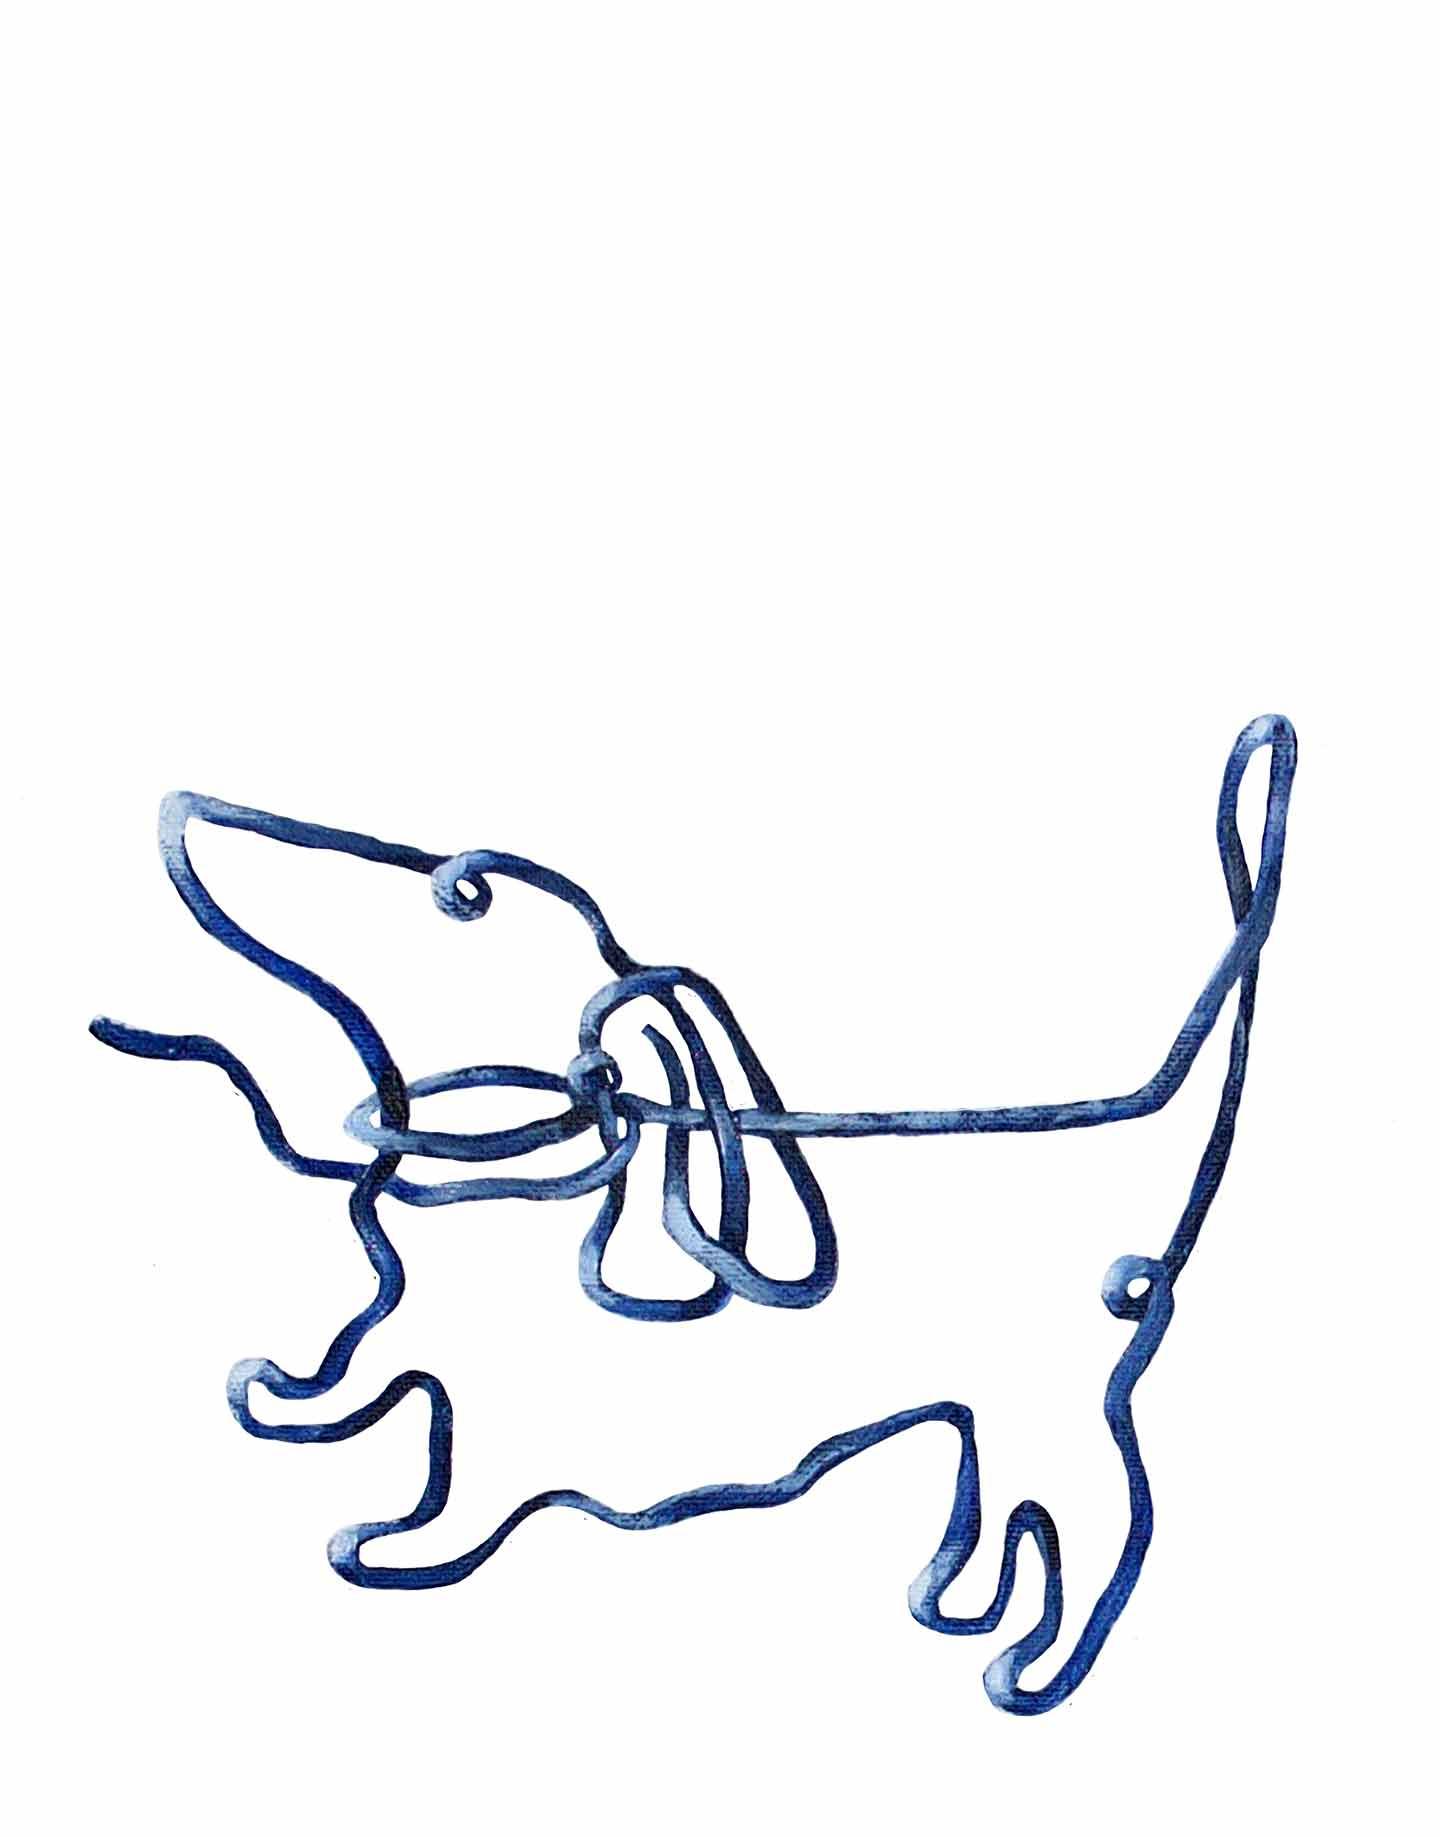 delfsblauwe teckel op doek, 20 x 30 cm